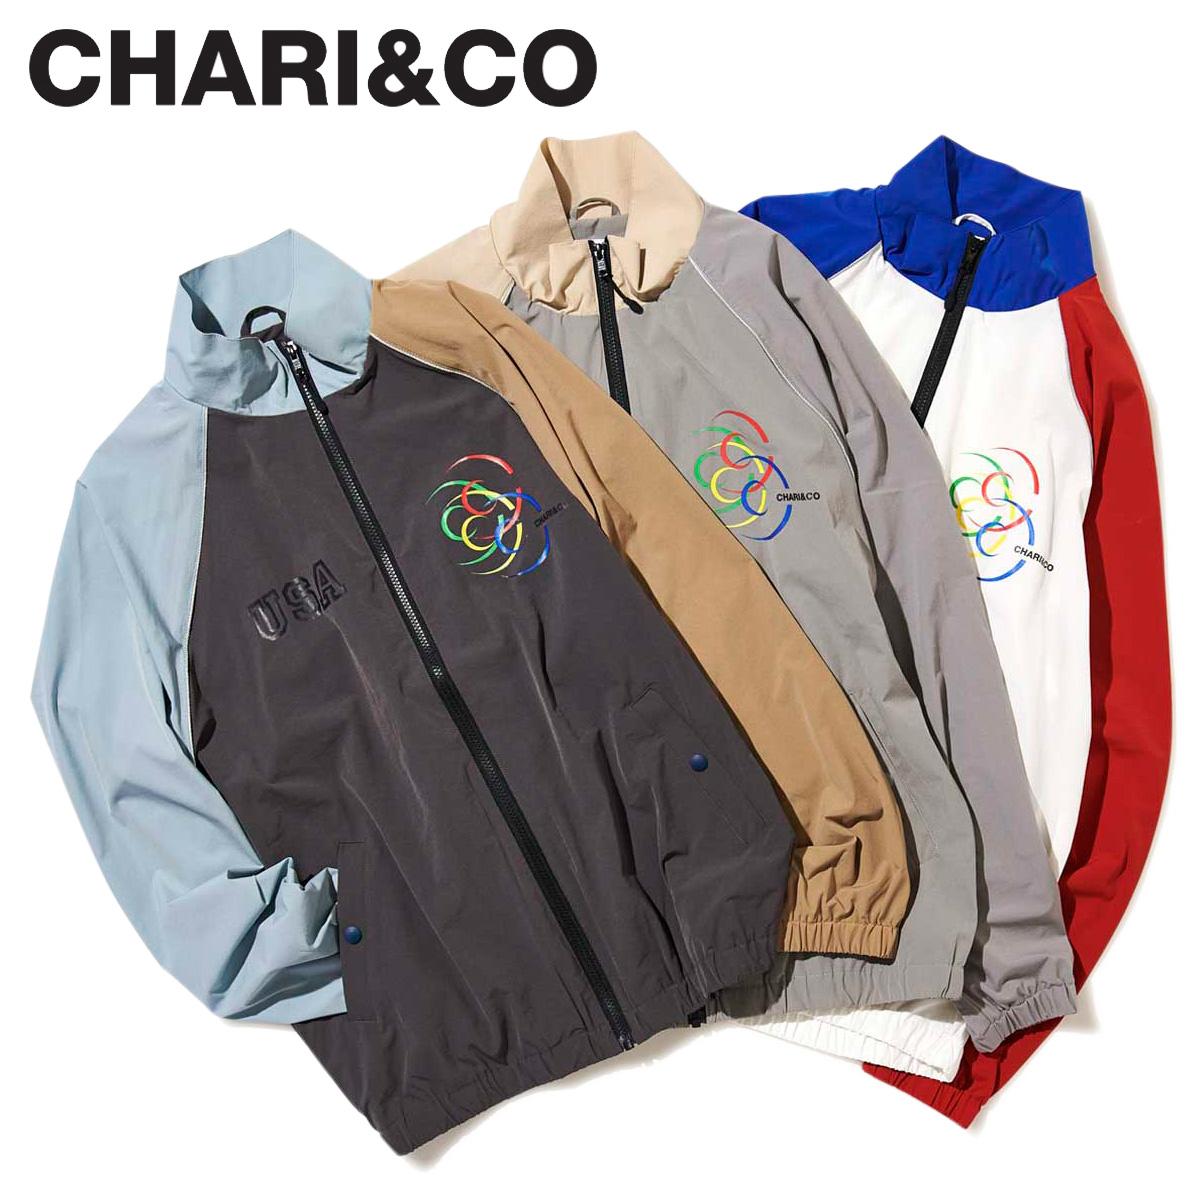 【最大2000円OFFクーポン】 CHARI&CO チャリアンドコー ジャケット トラックジャケット メンズ USA TRACK JKT ホワイト グレー チャコール 白